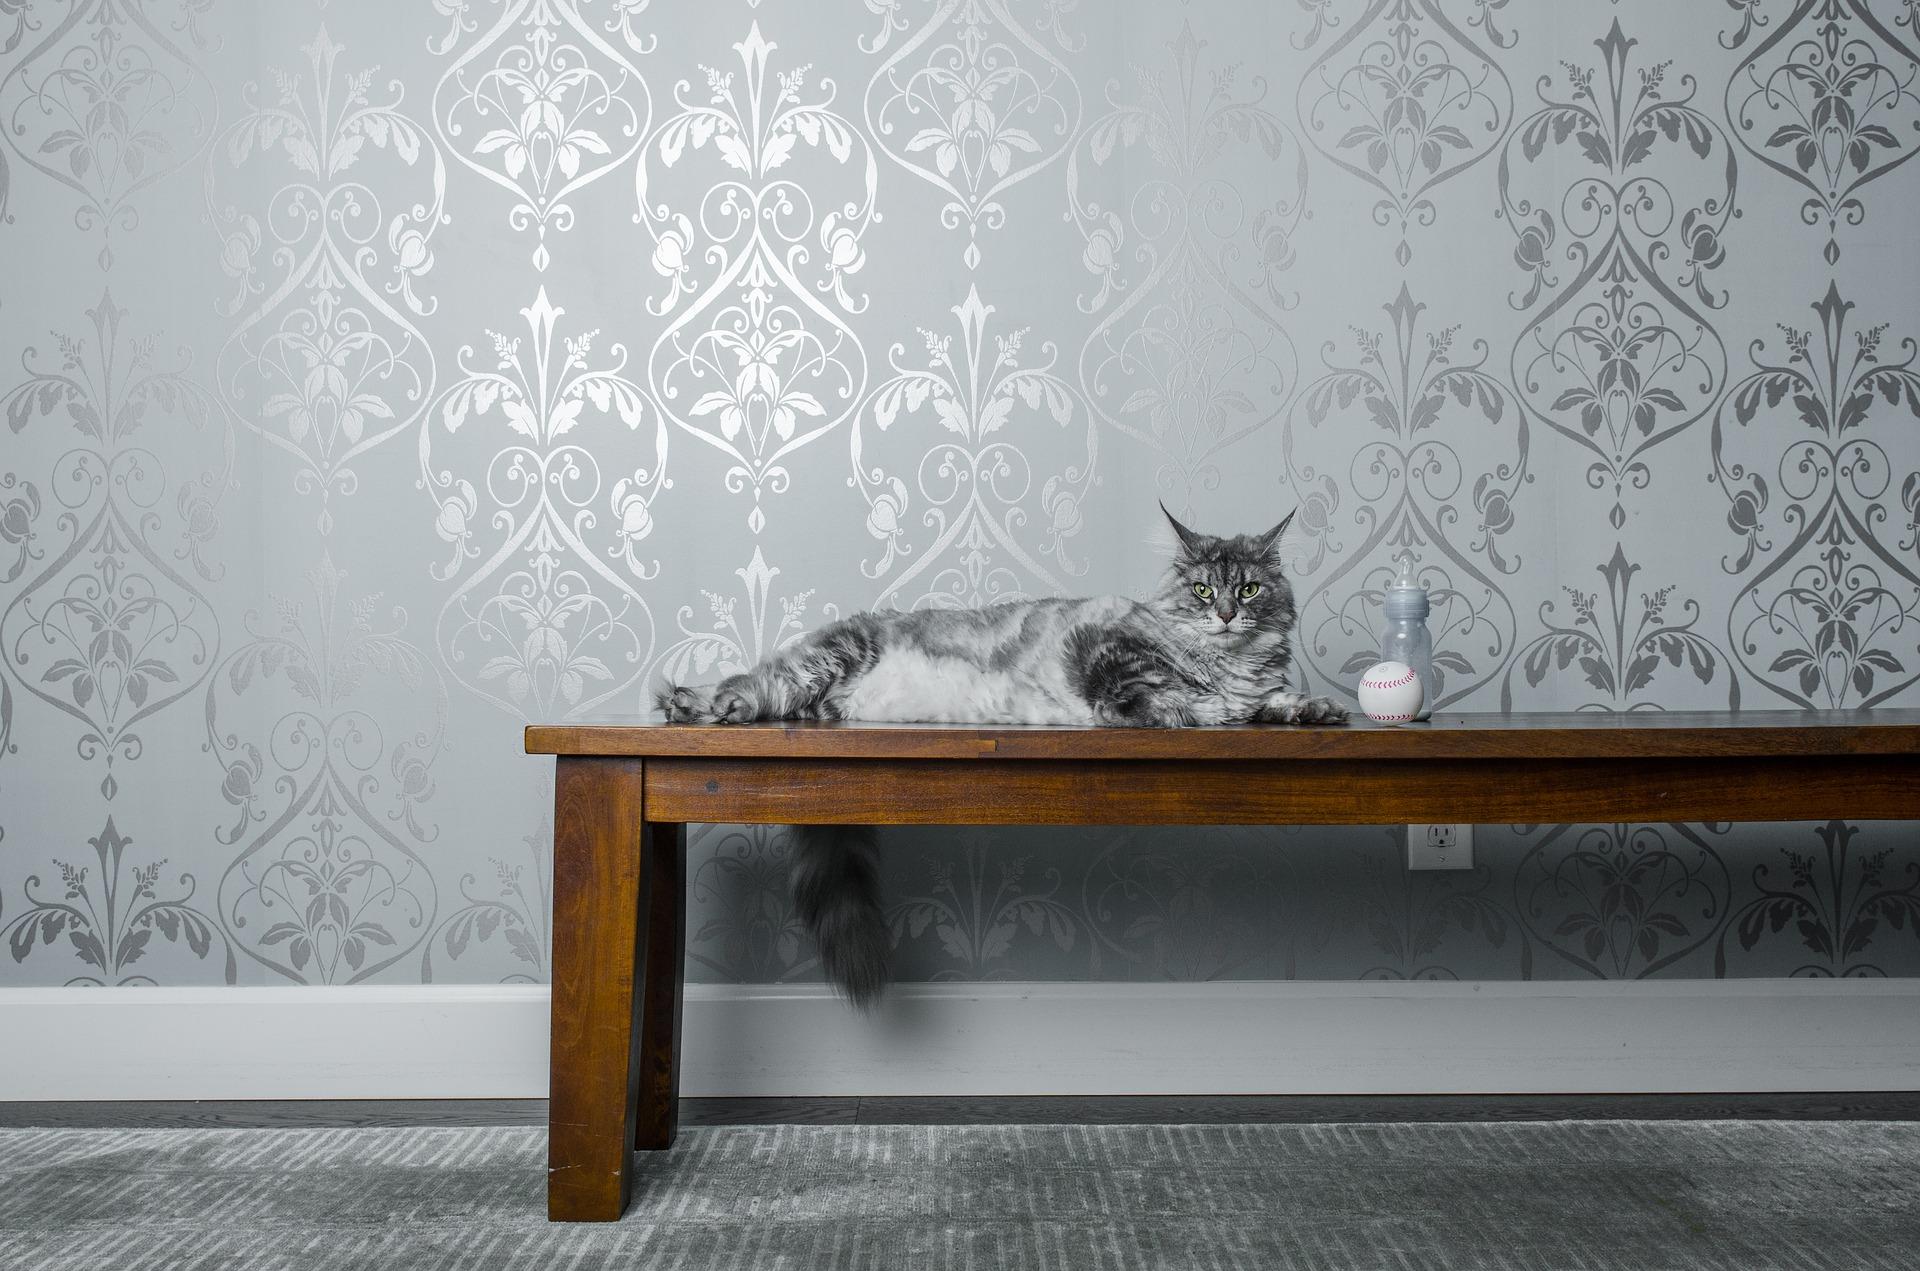 Katze Tapete Tapezieren Tapezierer Wände tapezieren Tapeten Kleben Kosten